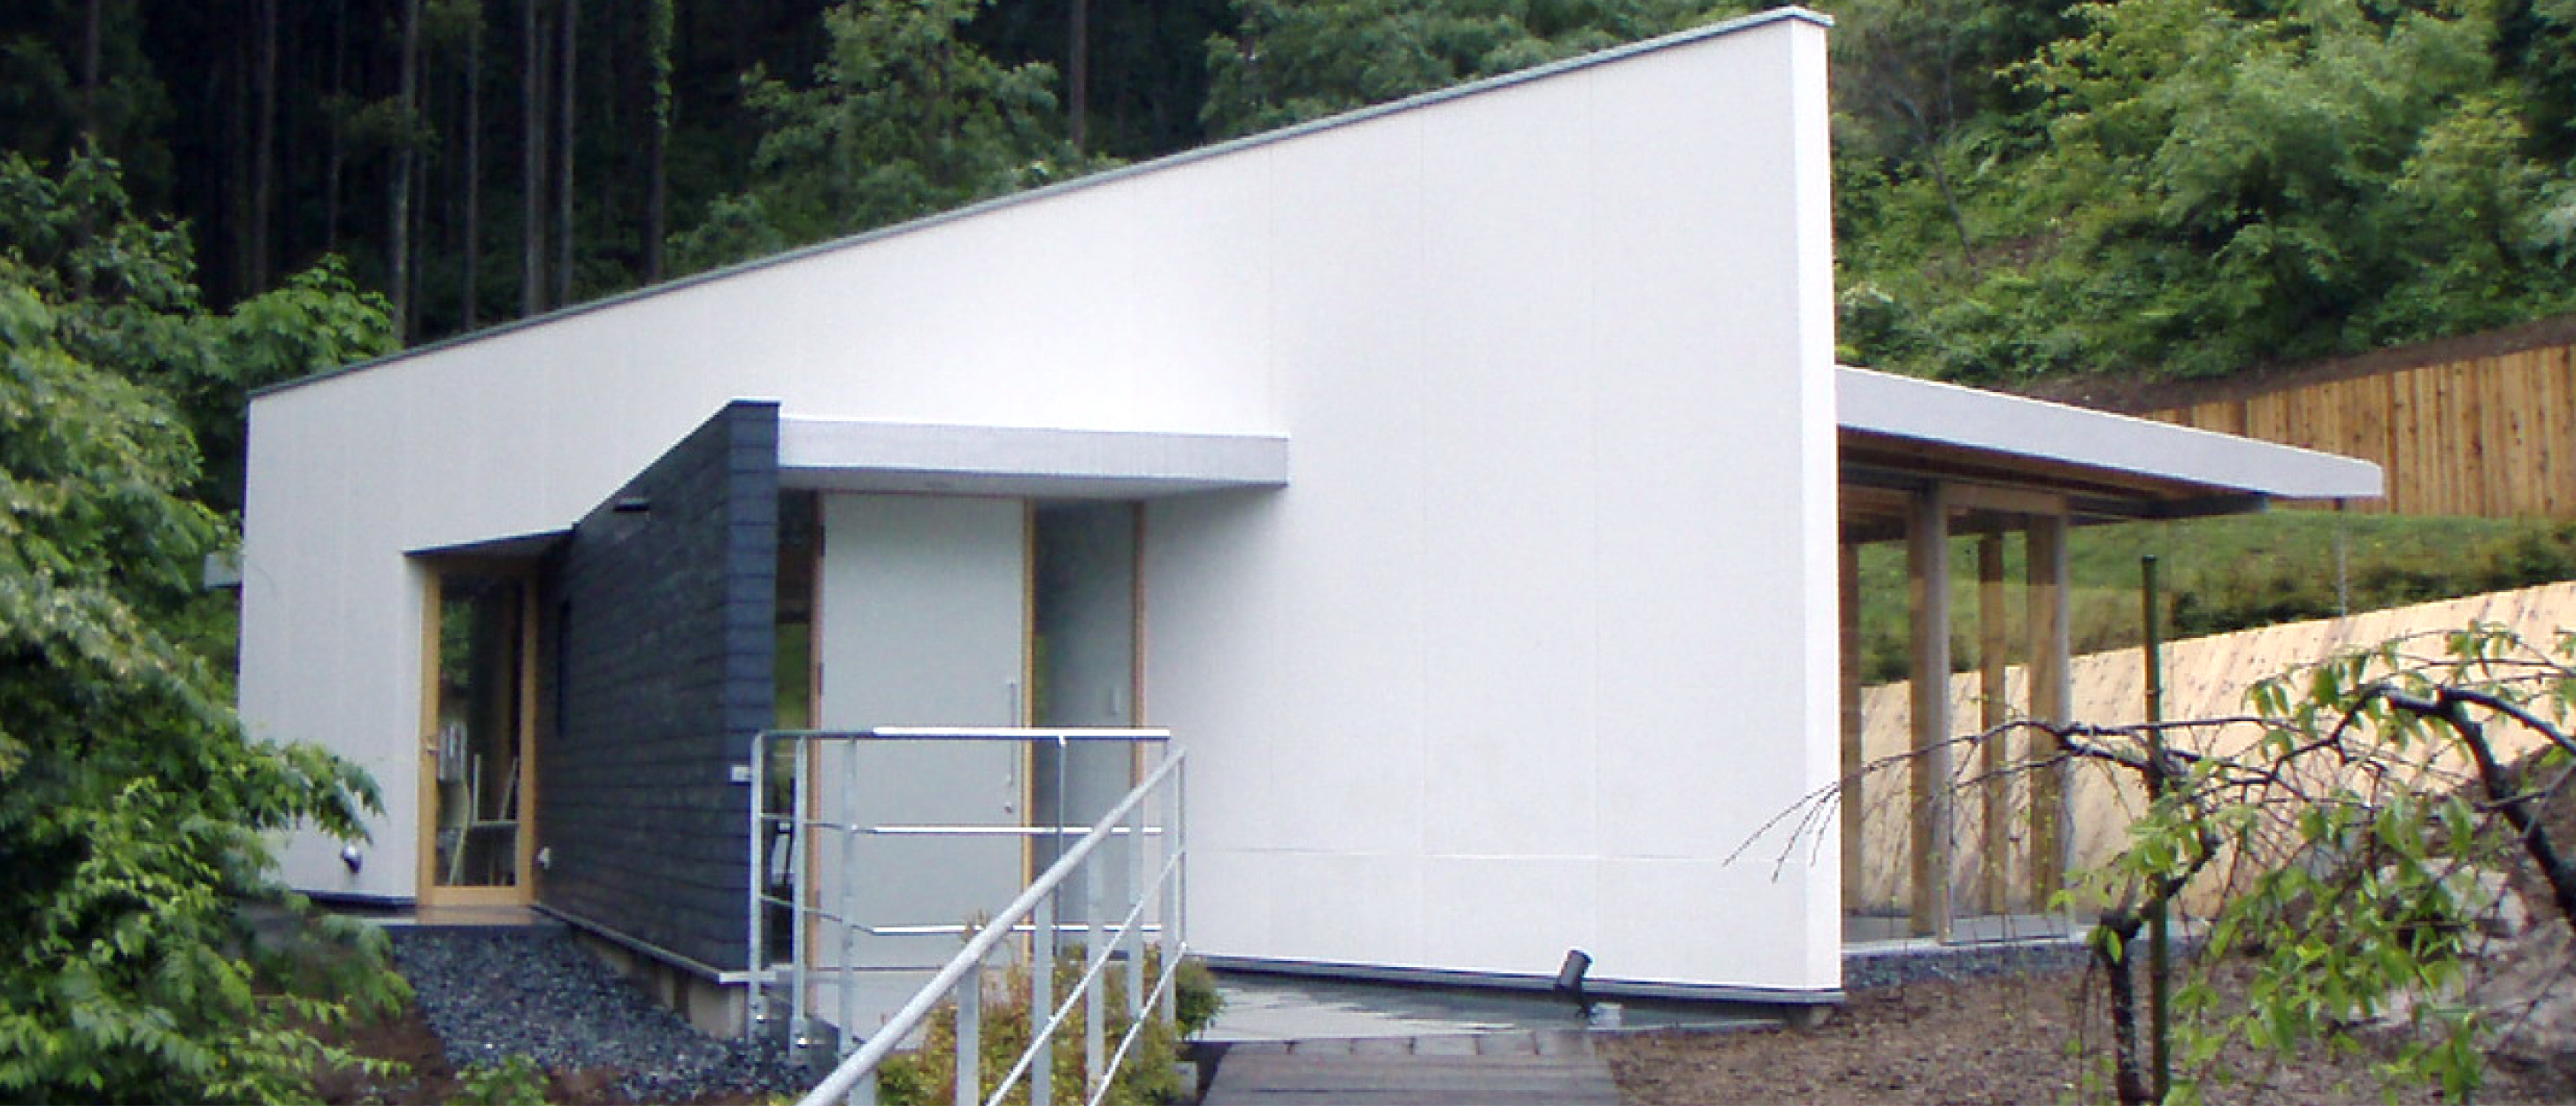 森林活動拠点施設 (セラピーステーション・ランドスケーブ) [奥多摩町]